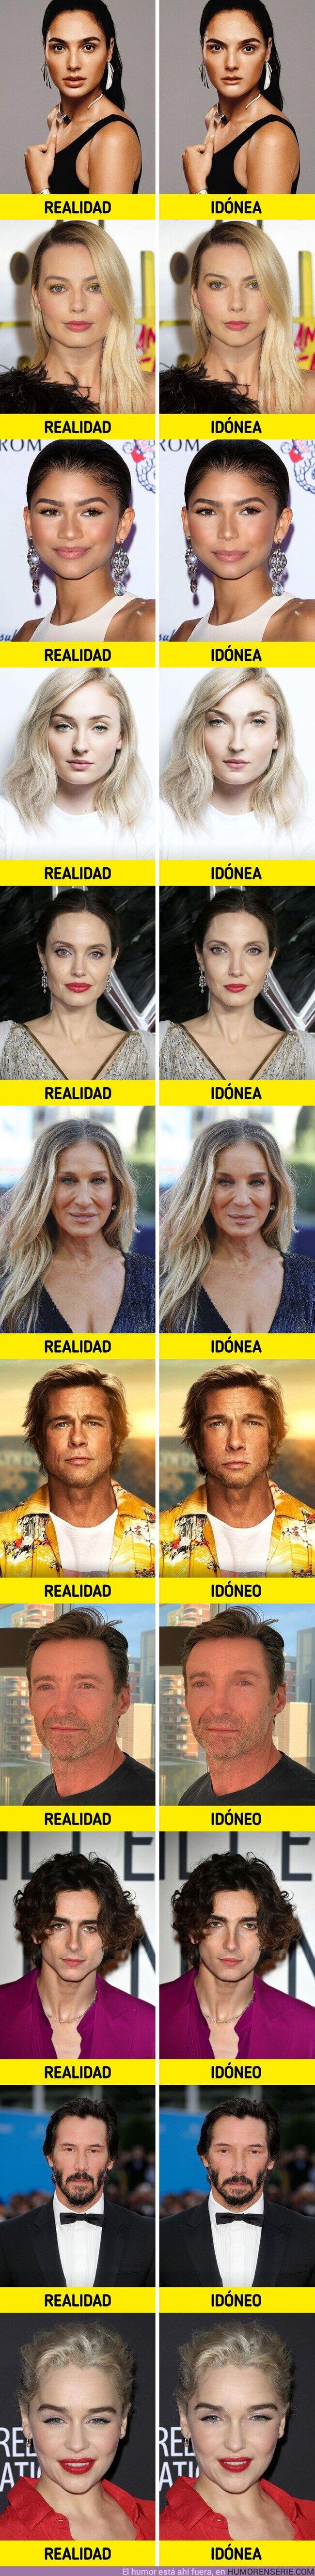 57213 - GALERÍA: Cómo se verían 15 actores si su cara se ajustara a la proporción áurea